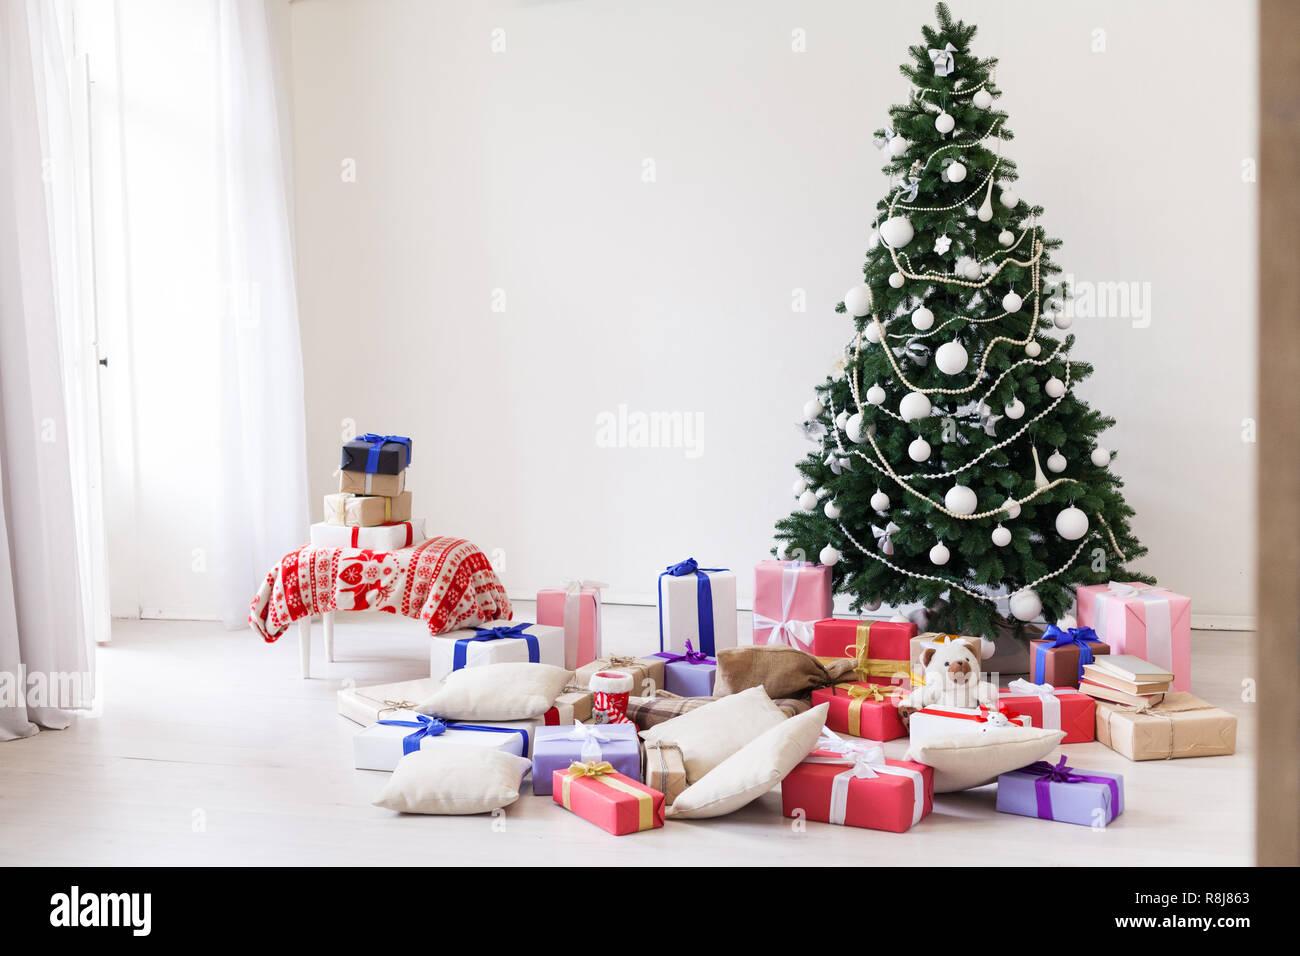 Weihnachtsbaum Girlande.Schlafzimmer Leuchten Weihnachtsbaum Girlande Neues Jahr